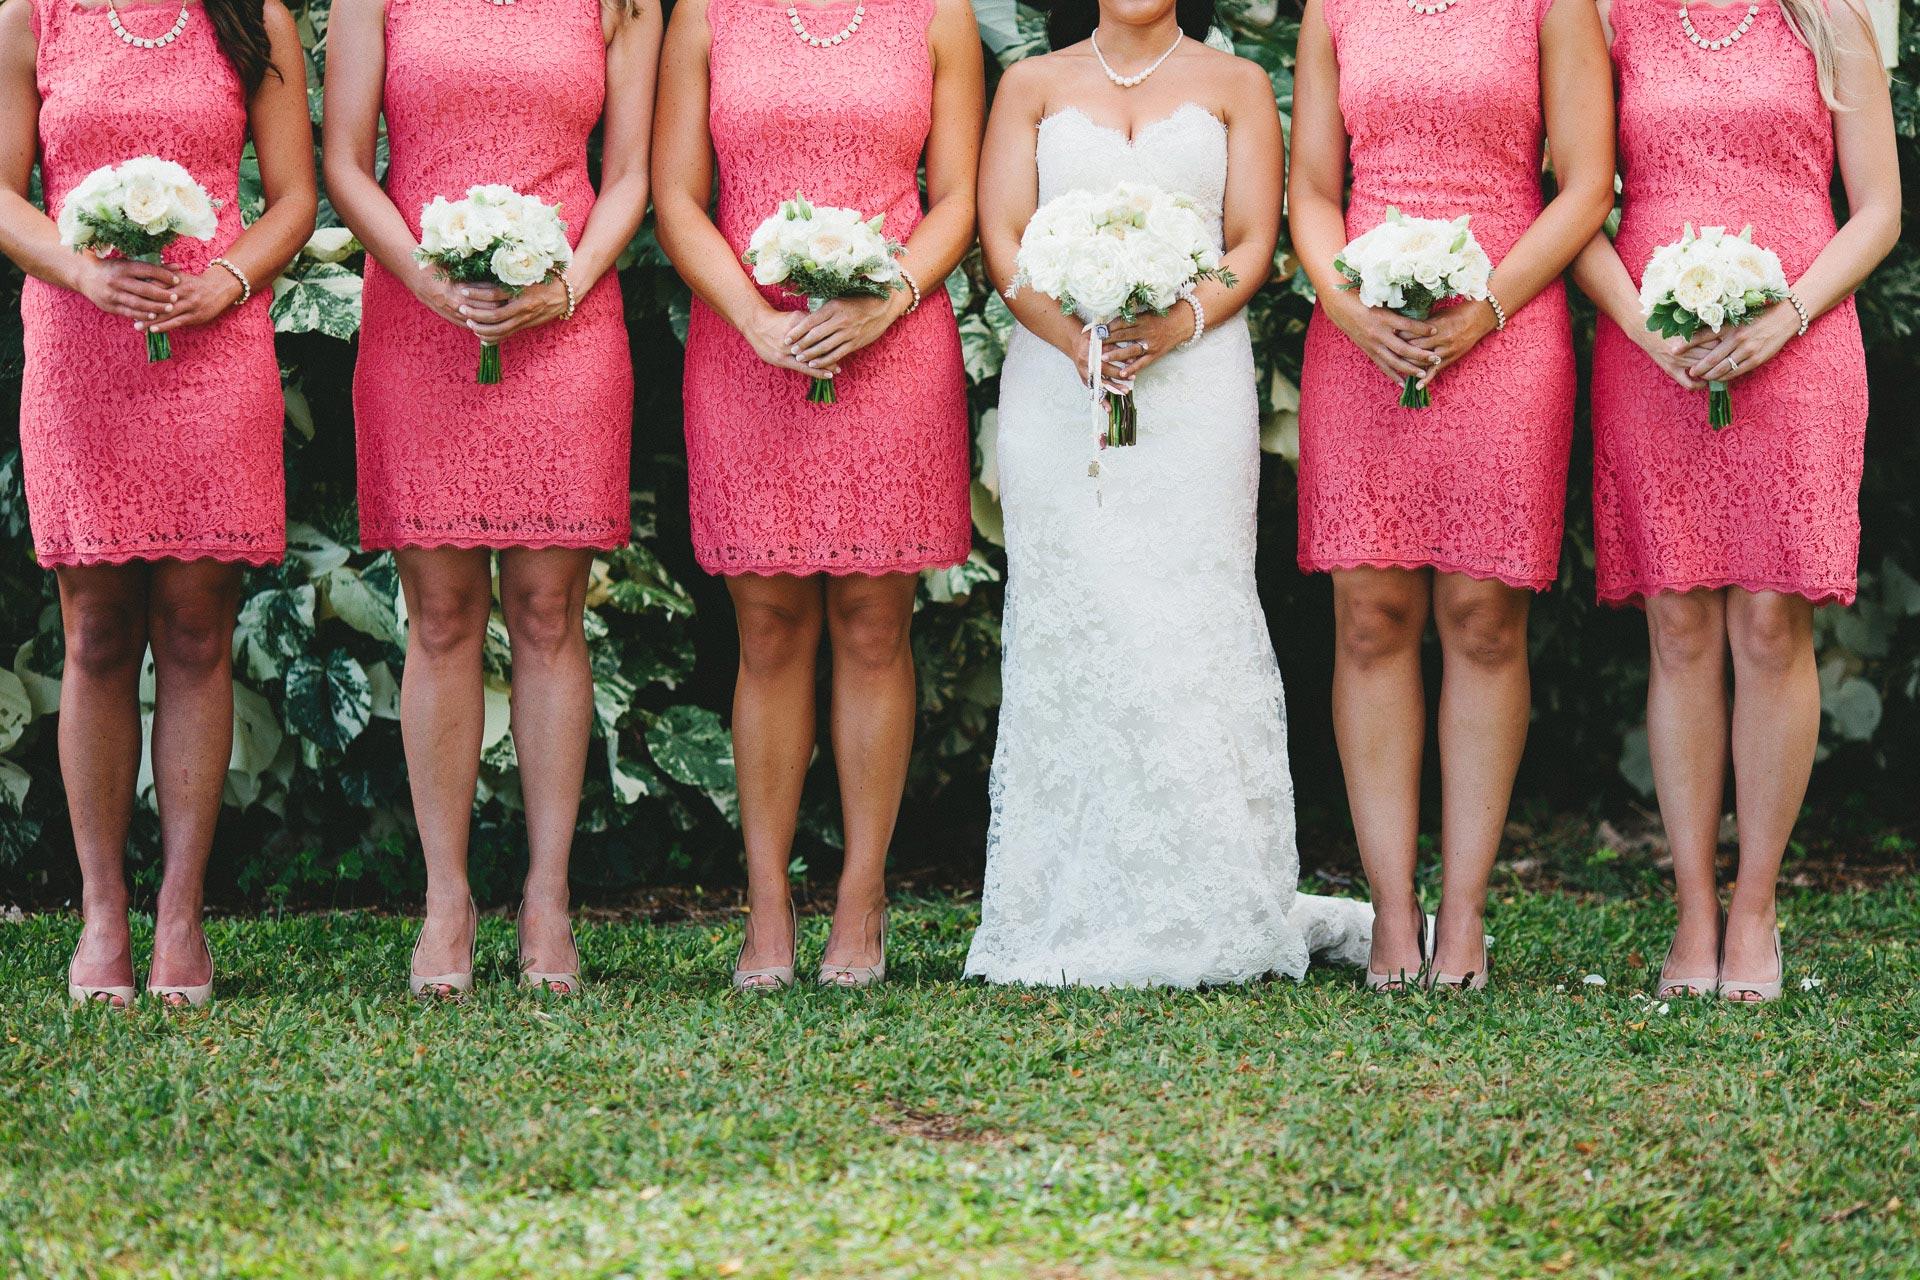 KW-Maui-Hawaii-Wedding-056@2x.jpg